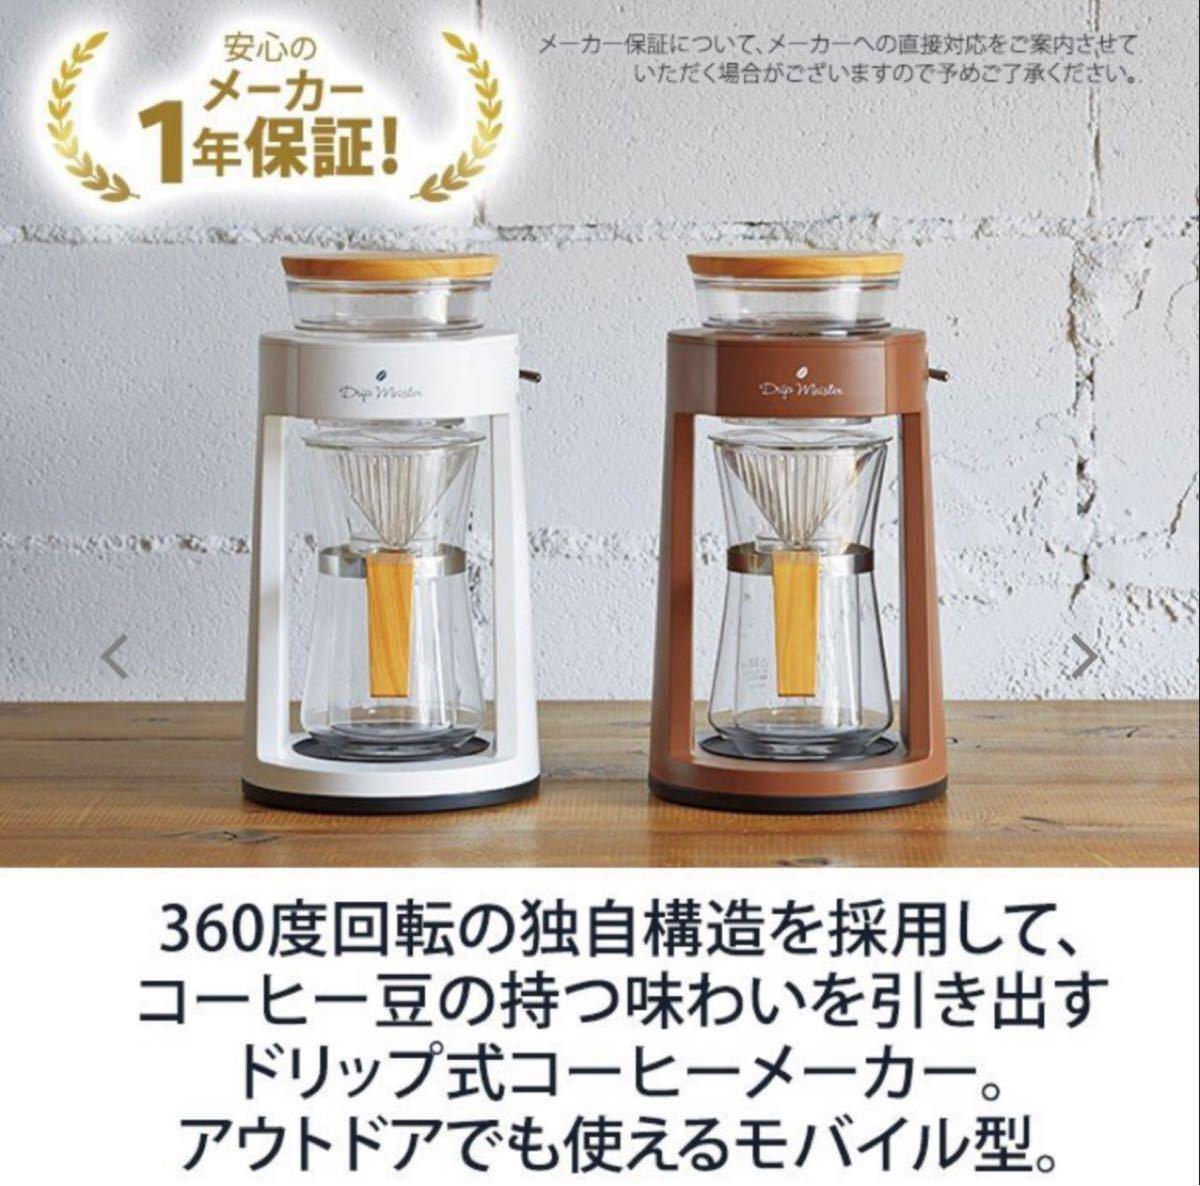 アピックス ポータブルドリップマイスター ホワイト FSKD-0129BWH コーヒーメーカー ラスト一台